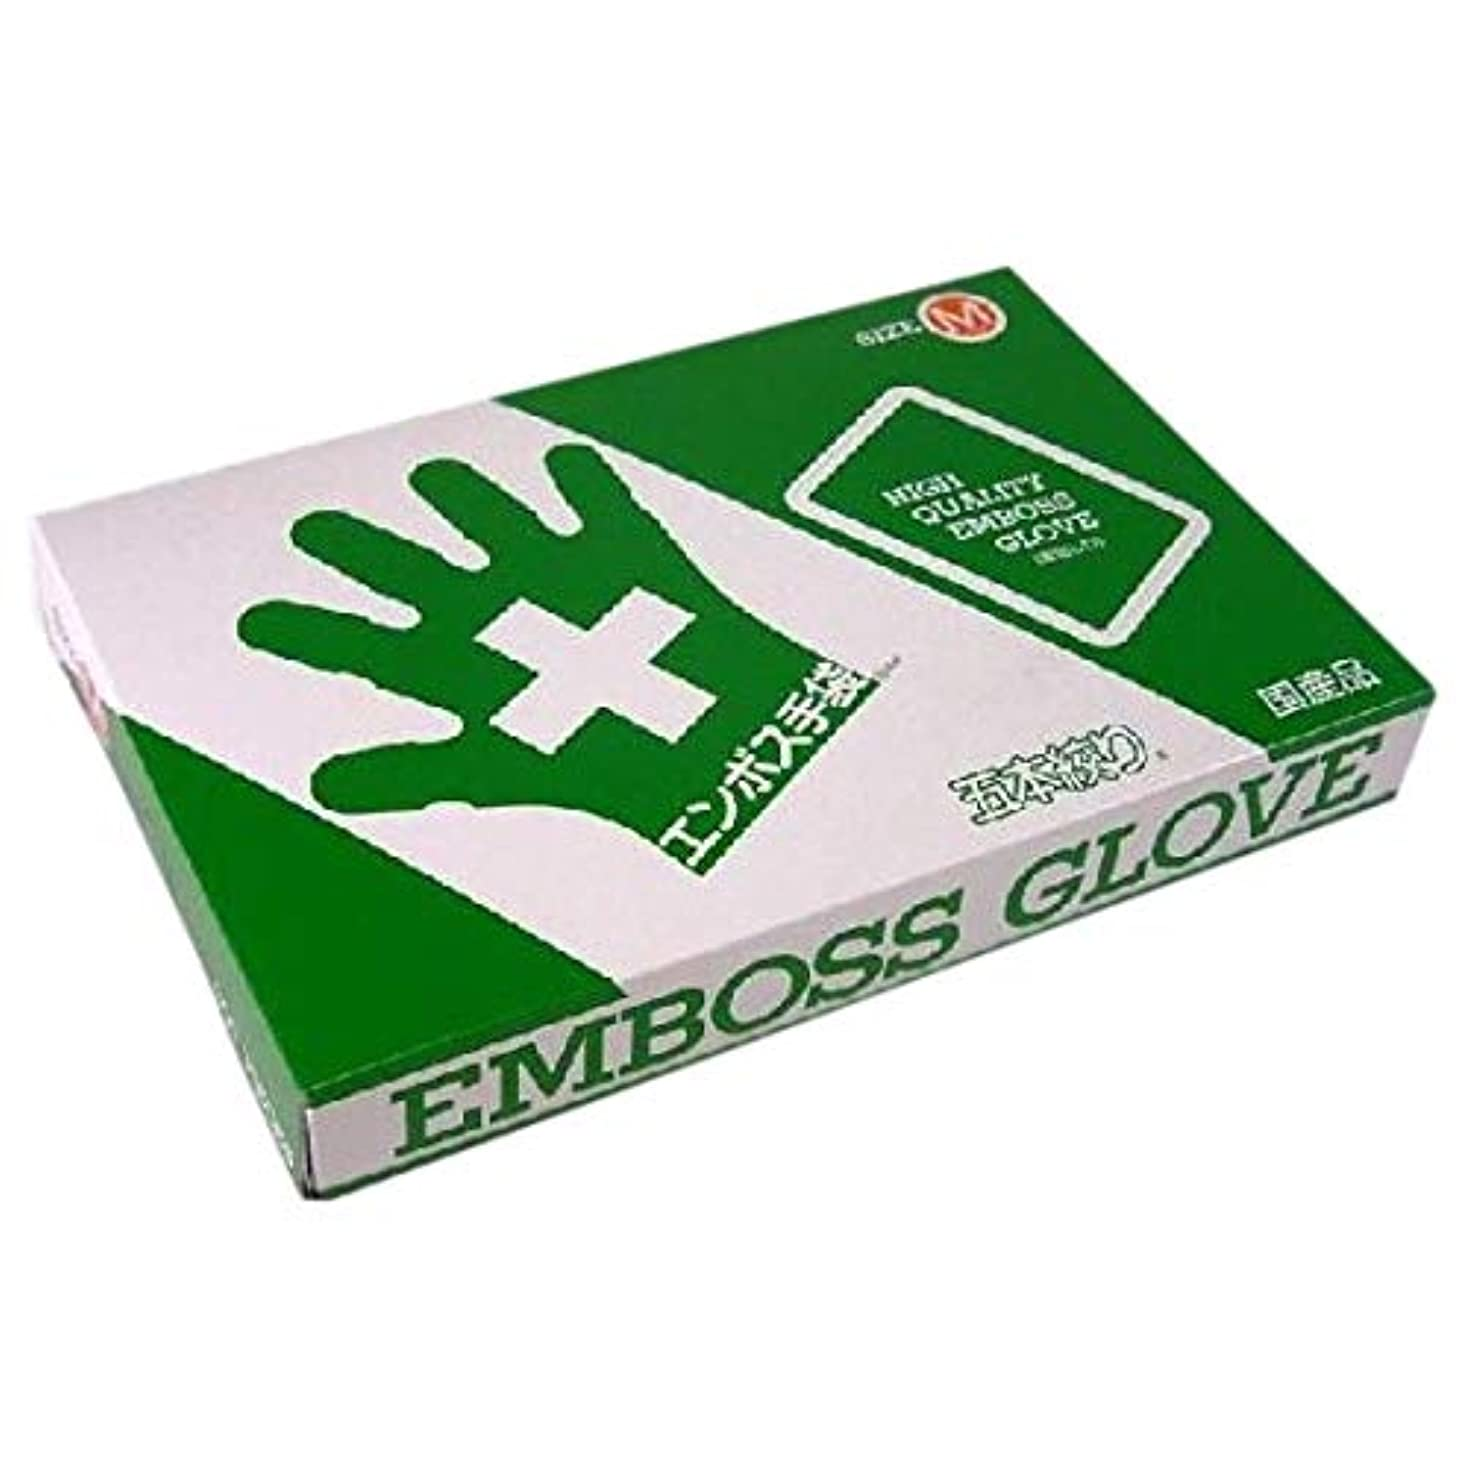 代数的眠り春エンボス手袋 5本絞り(使い捨て手袋国産品) 東京パック M 200枚入